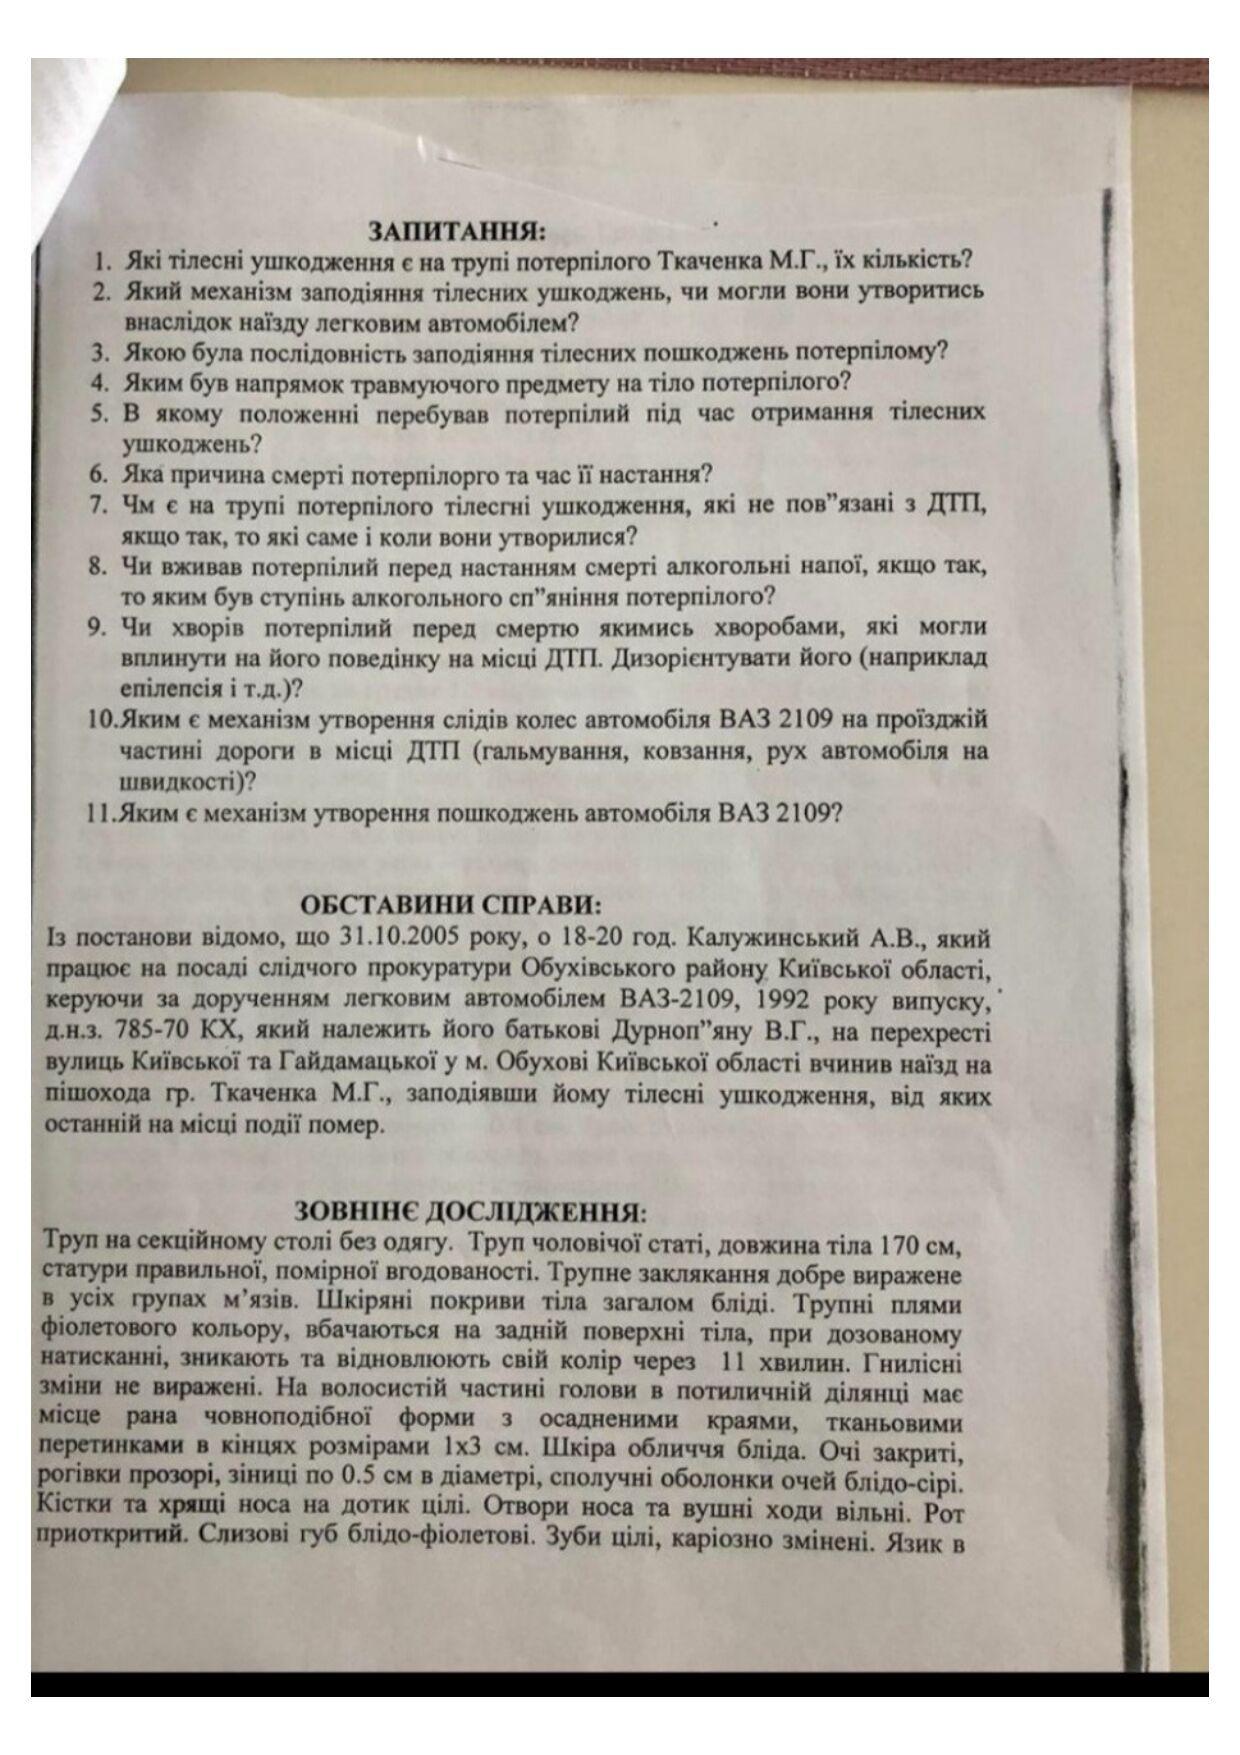 Детектива НАБУ разоблачили в манипуляции с экспертизой